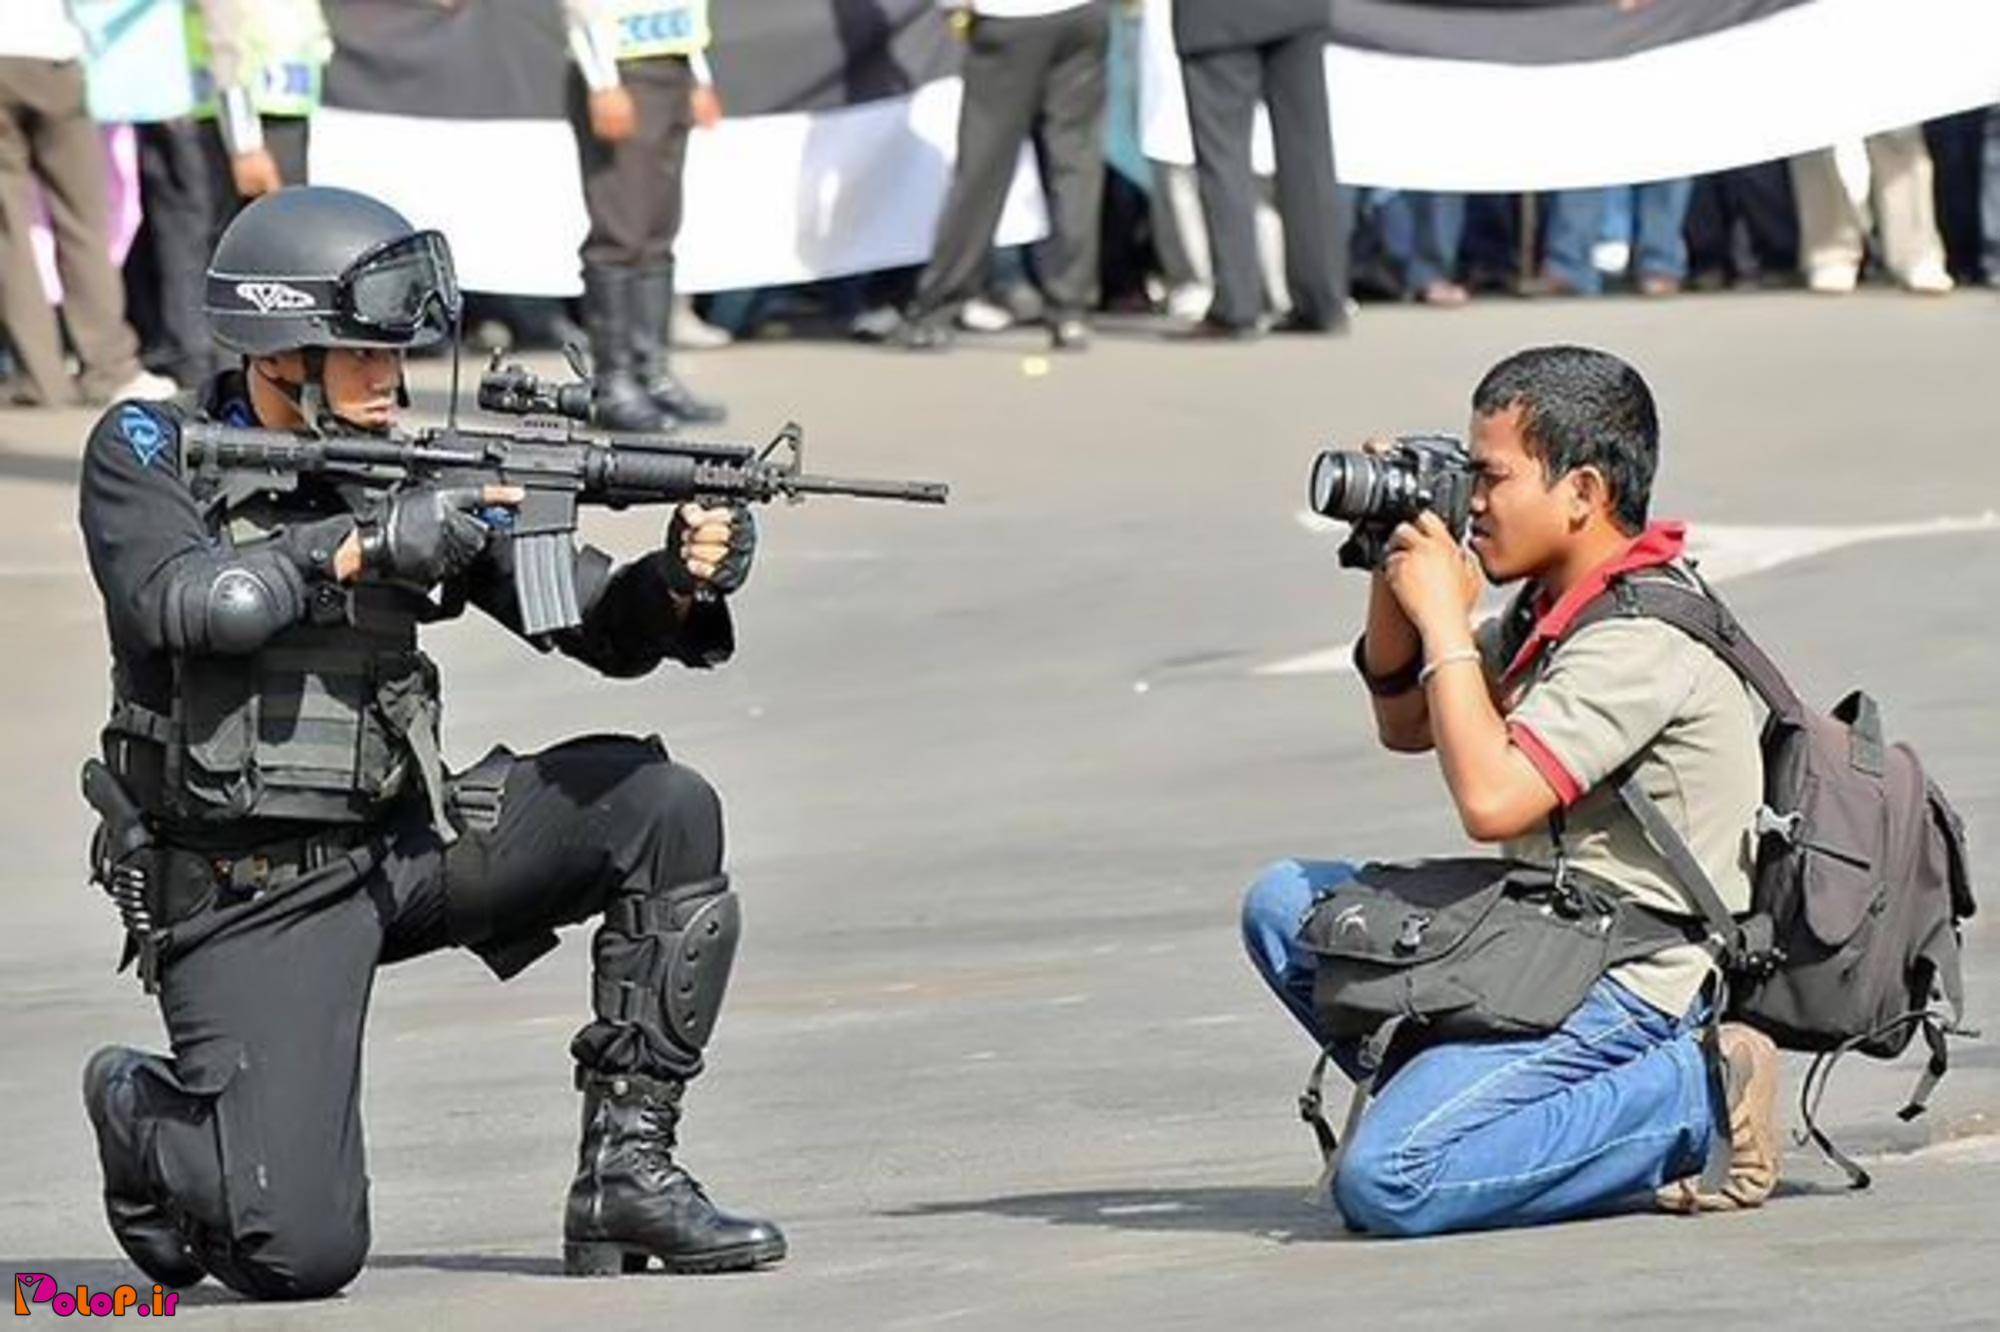 اگر عکاسی حرفه ای بودید ، از چه چیزی عکس می گرفتید ؟